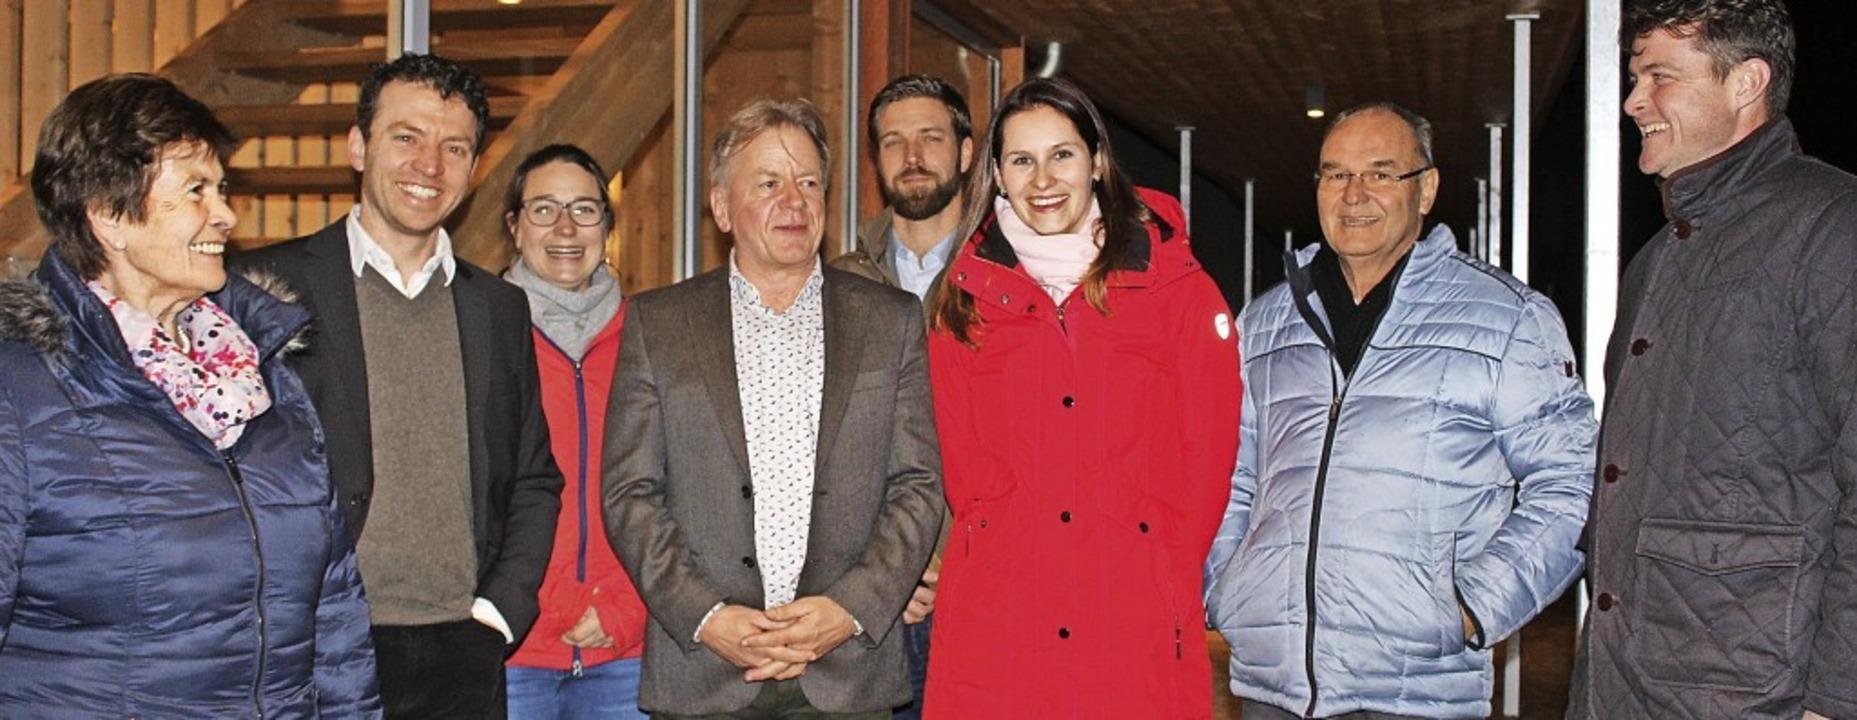 WGU-Aufsichtsrat sowie alter und neuer...renz, Werner Widmann und Klaus Vosberg  | Foto: Erich Krieger